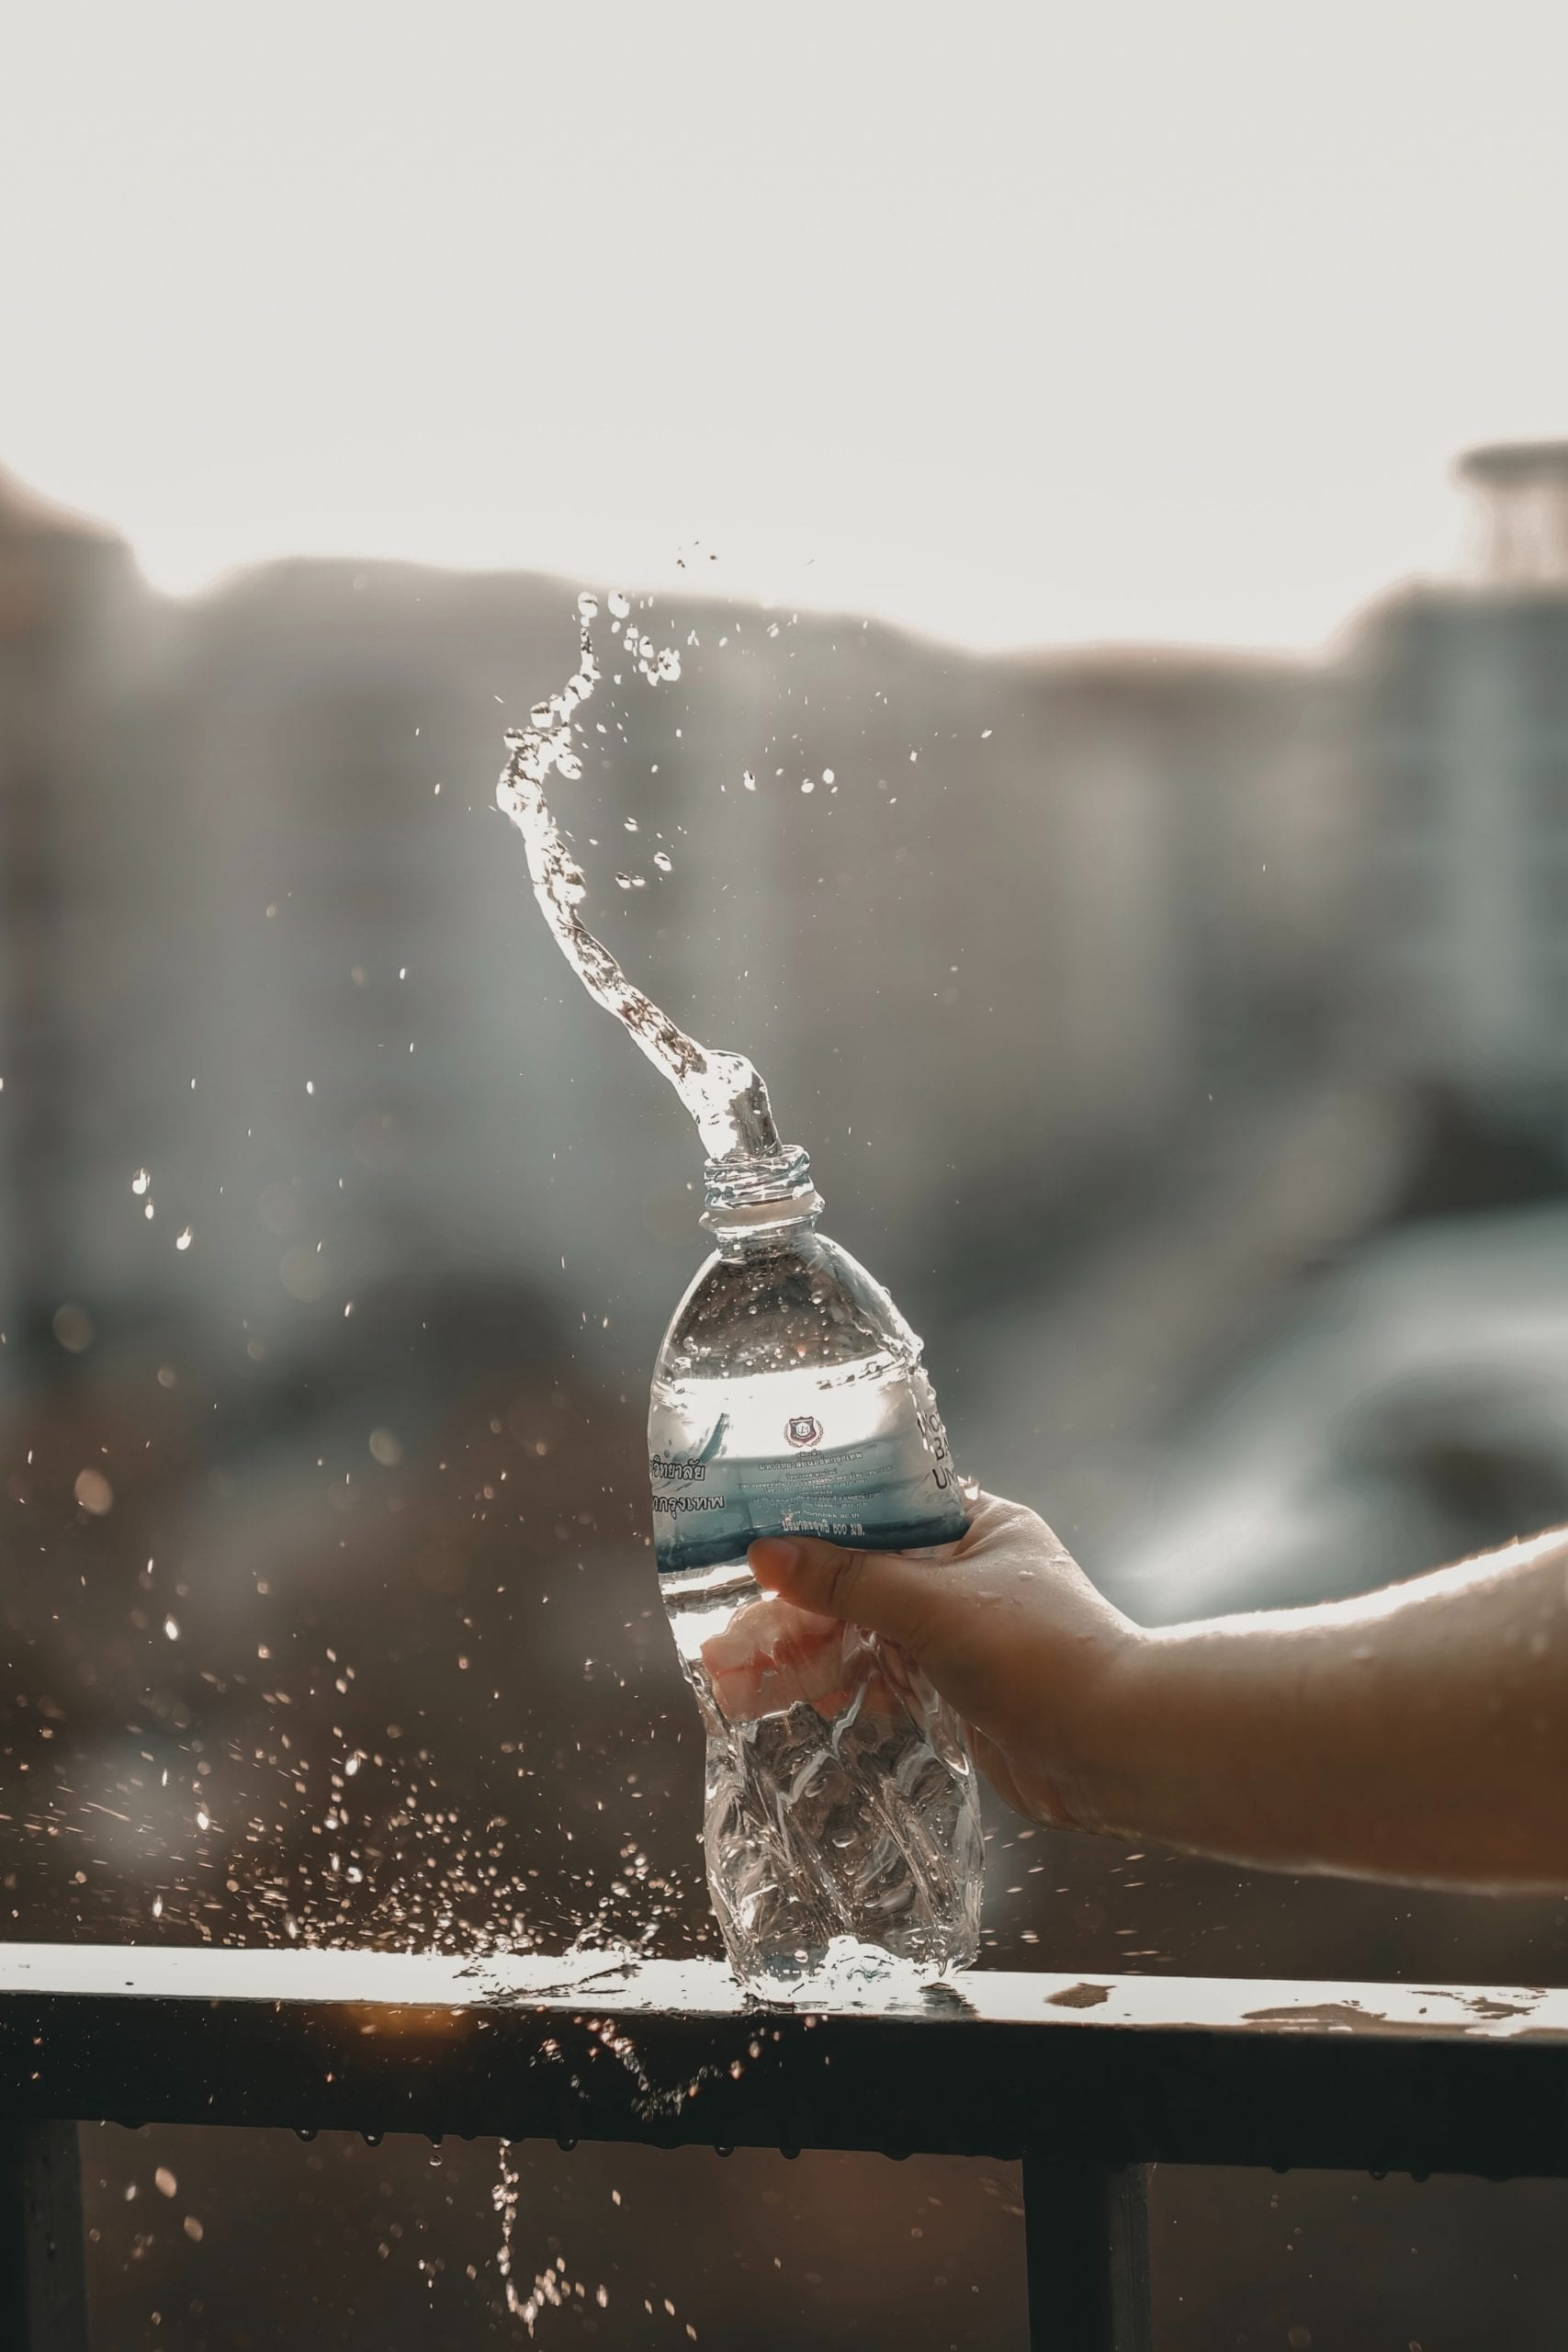 Atlanta enjoys bottled water